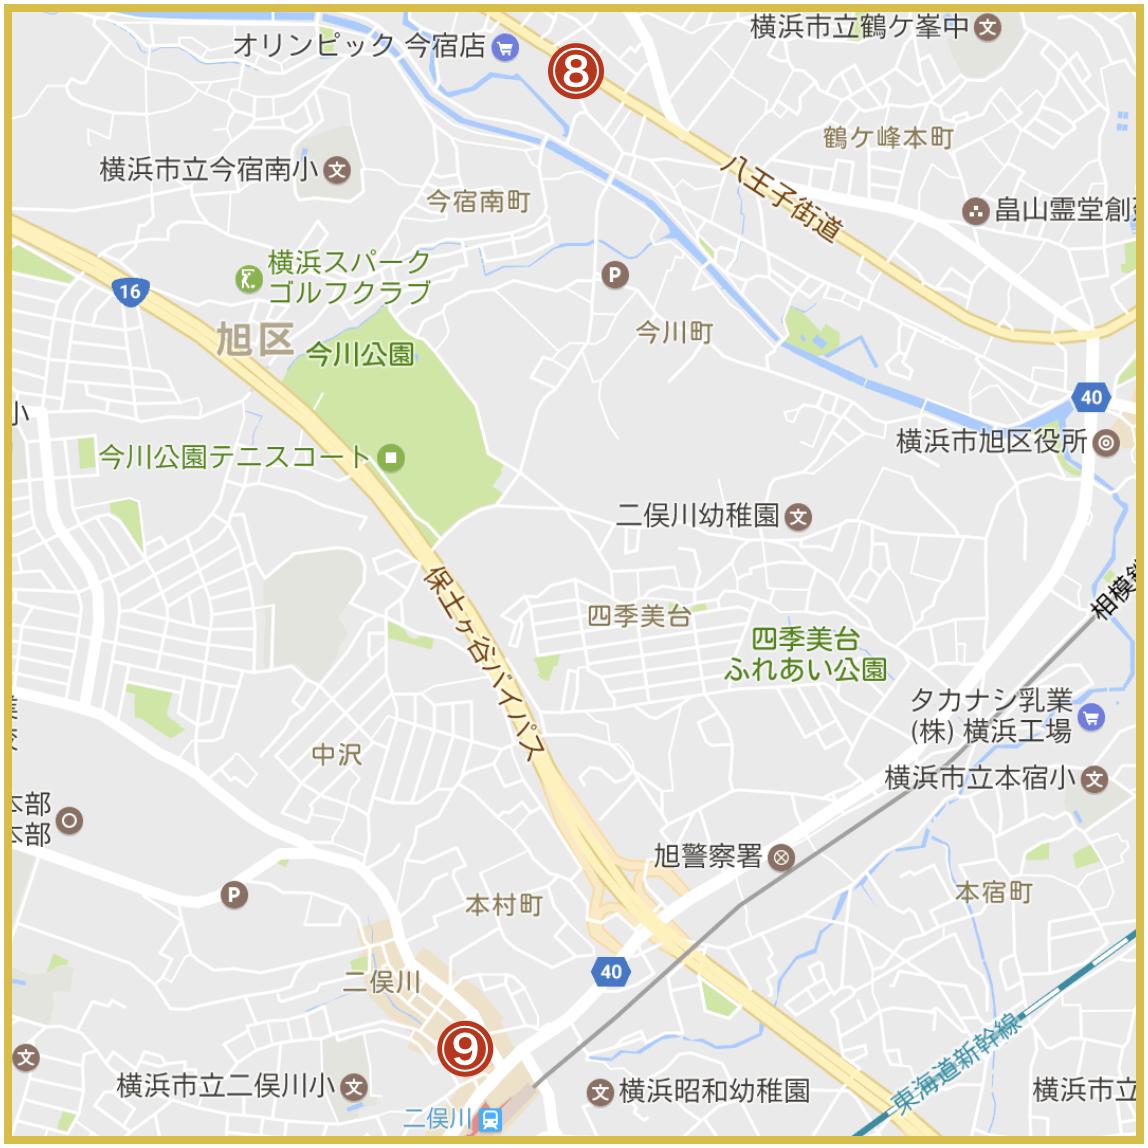 横浜市旭区にあるプロミス店舗・ATMの位置(2019年12月版)